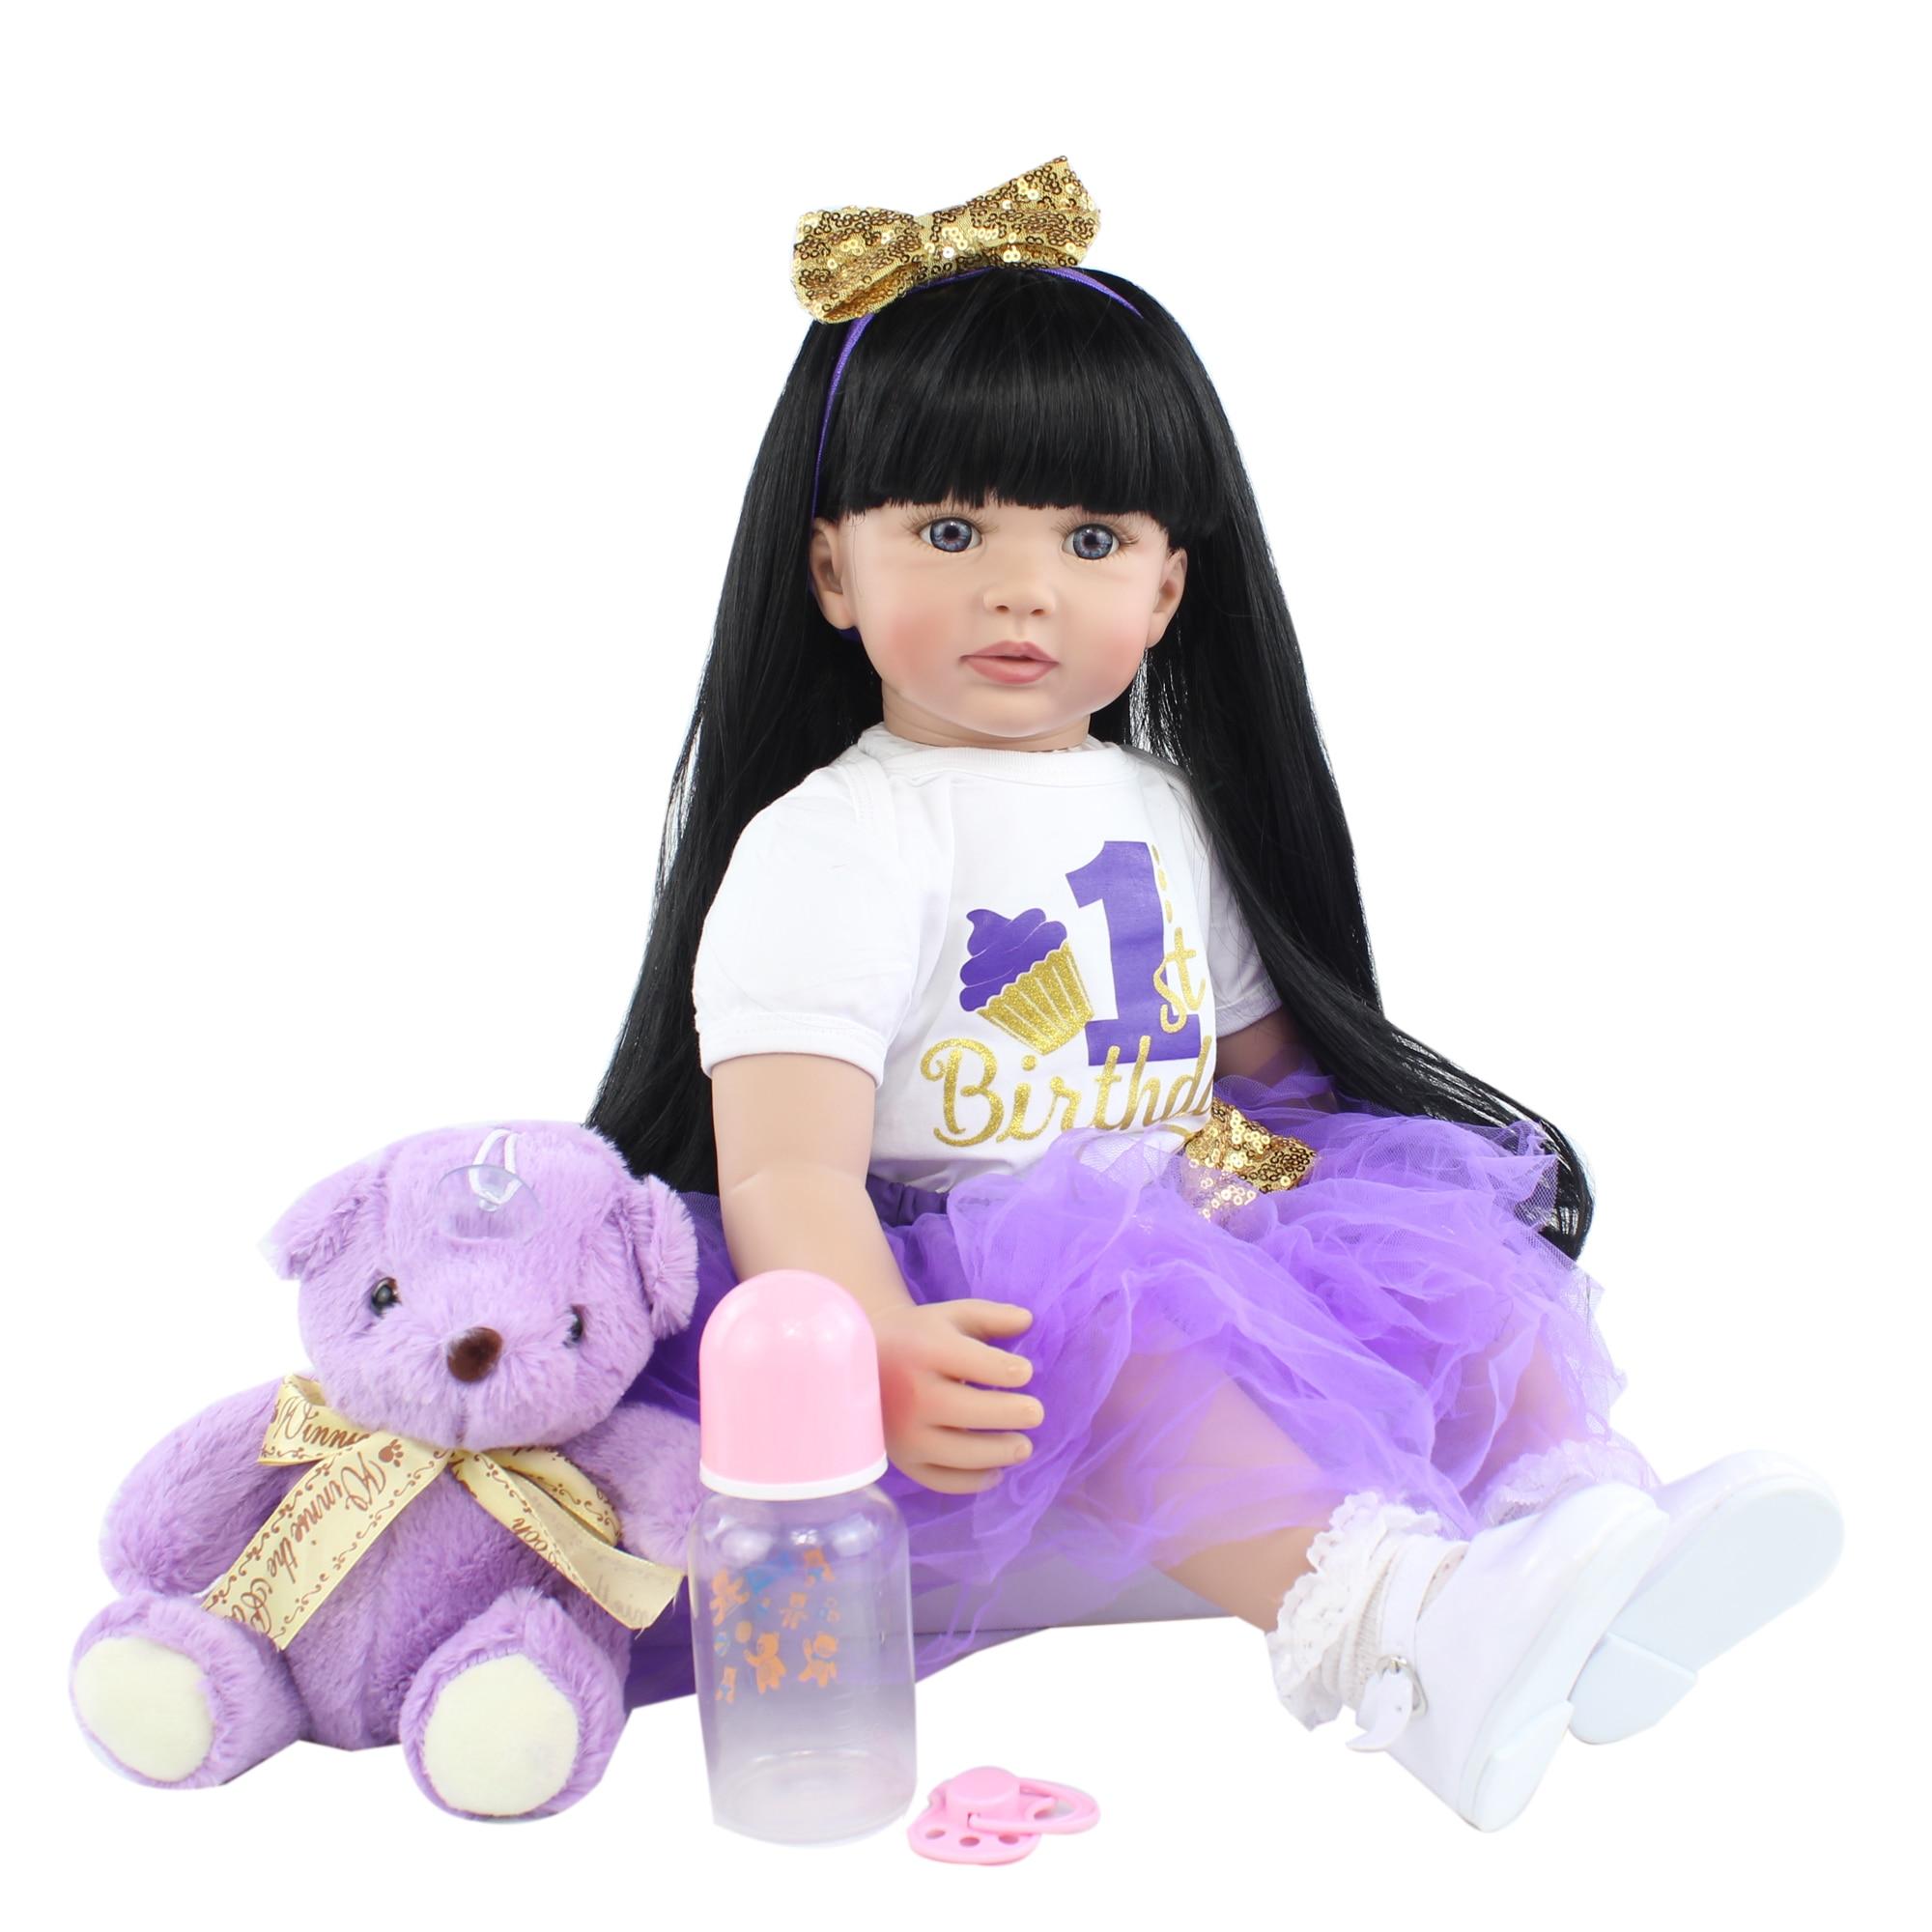 Кукла реборн силиконовая для девочек, мягкая игрушка, Длинная черная принцесса, наряд для малышей, подарок на день рождения, 60 см, 24 дюйма